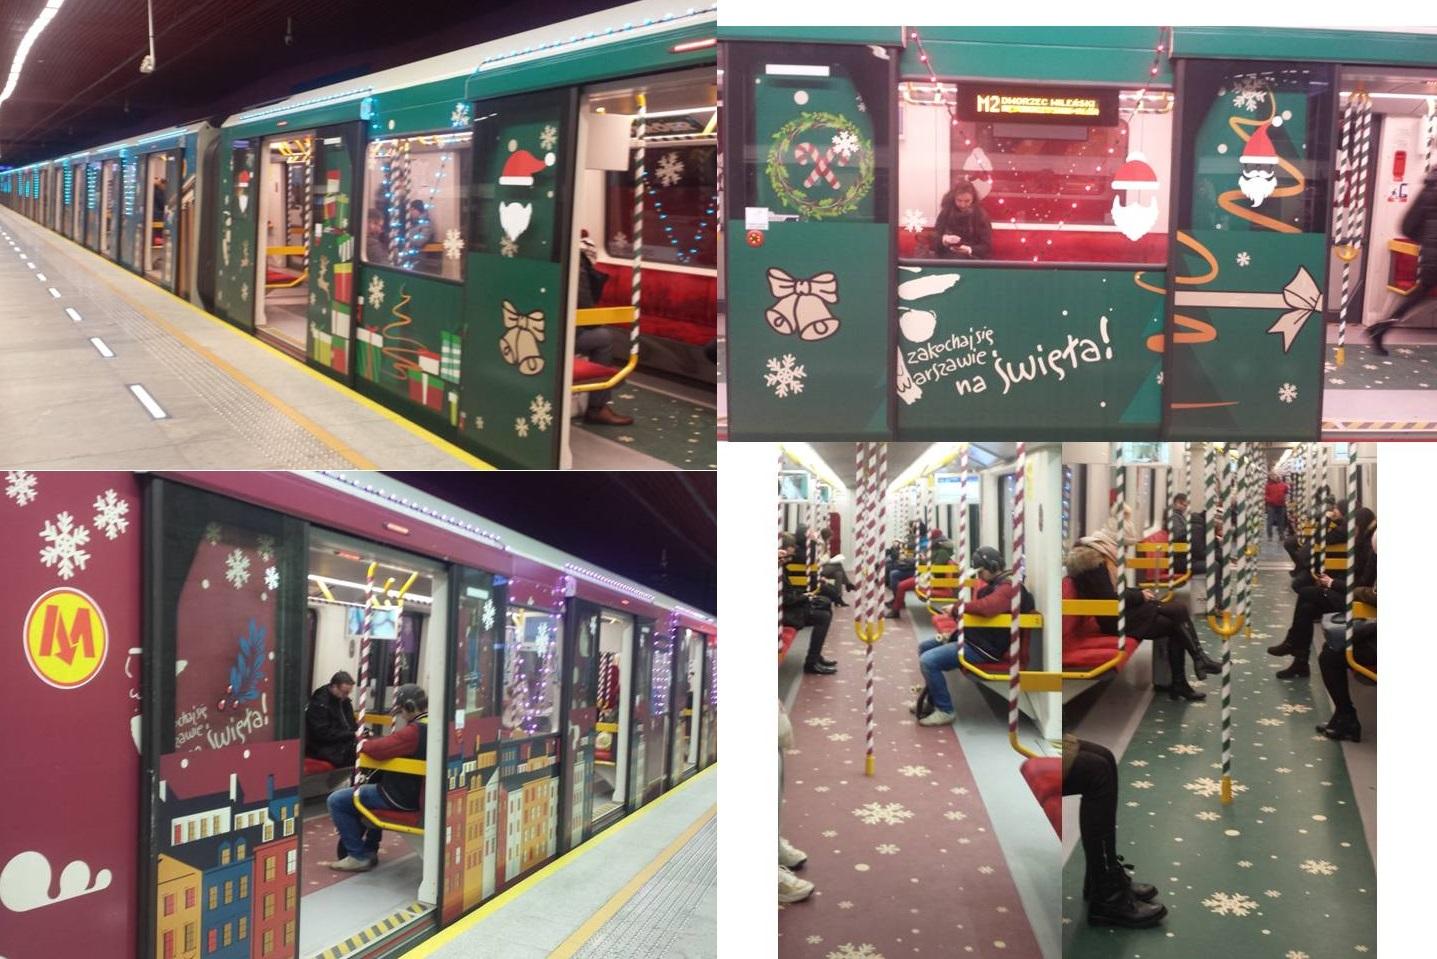 Step in Warsaw - Stadtführerin in Warschau. Das Fahren mit der Weihnachts-U-Bahn erhält meine Weihnachtsstimmung aufrecht:). Warschau, Januar 2019.